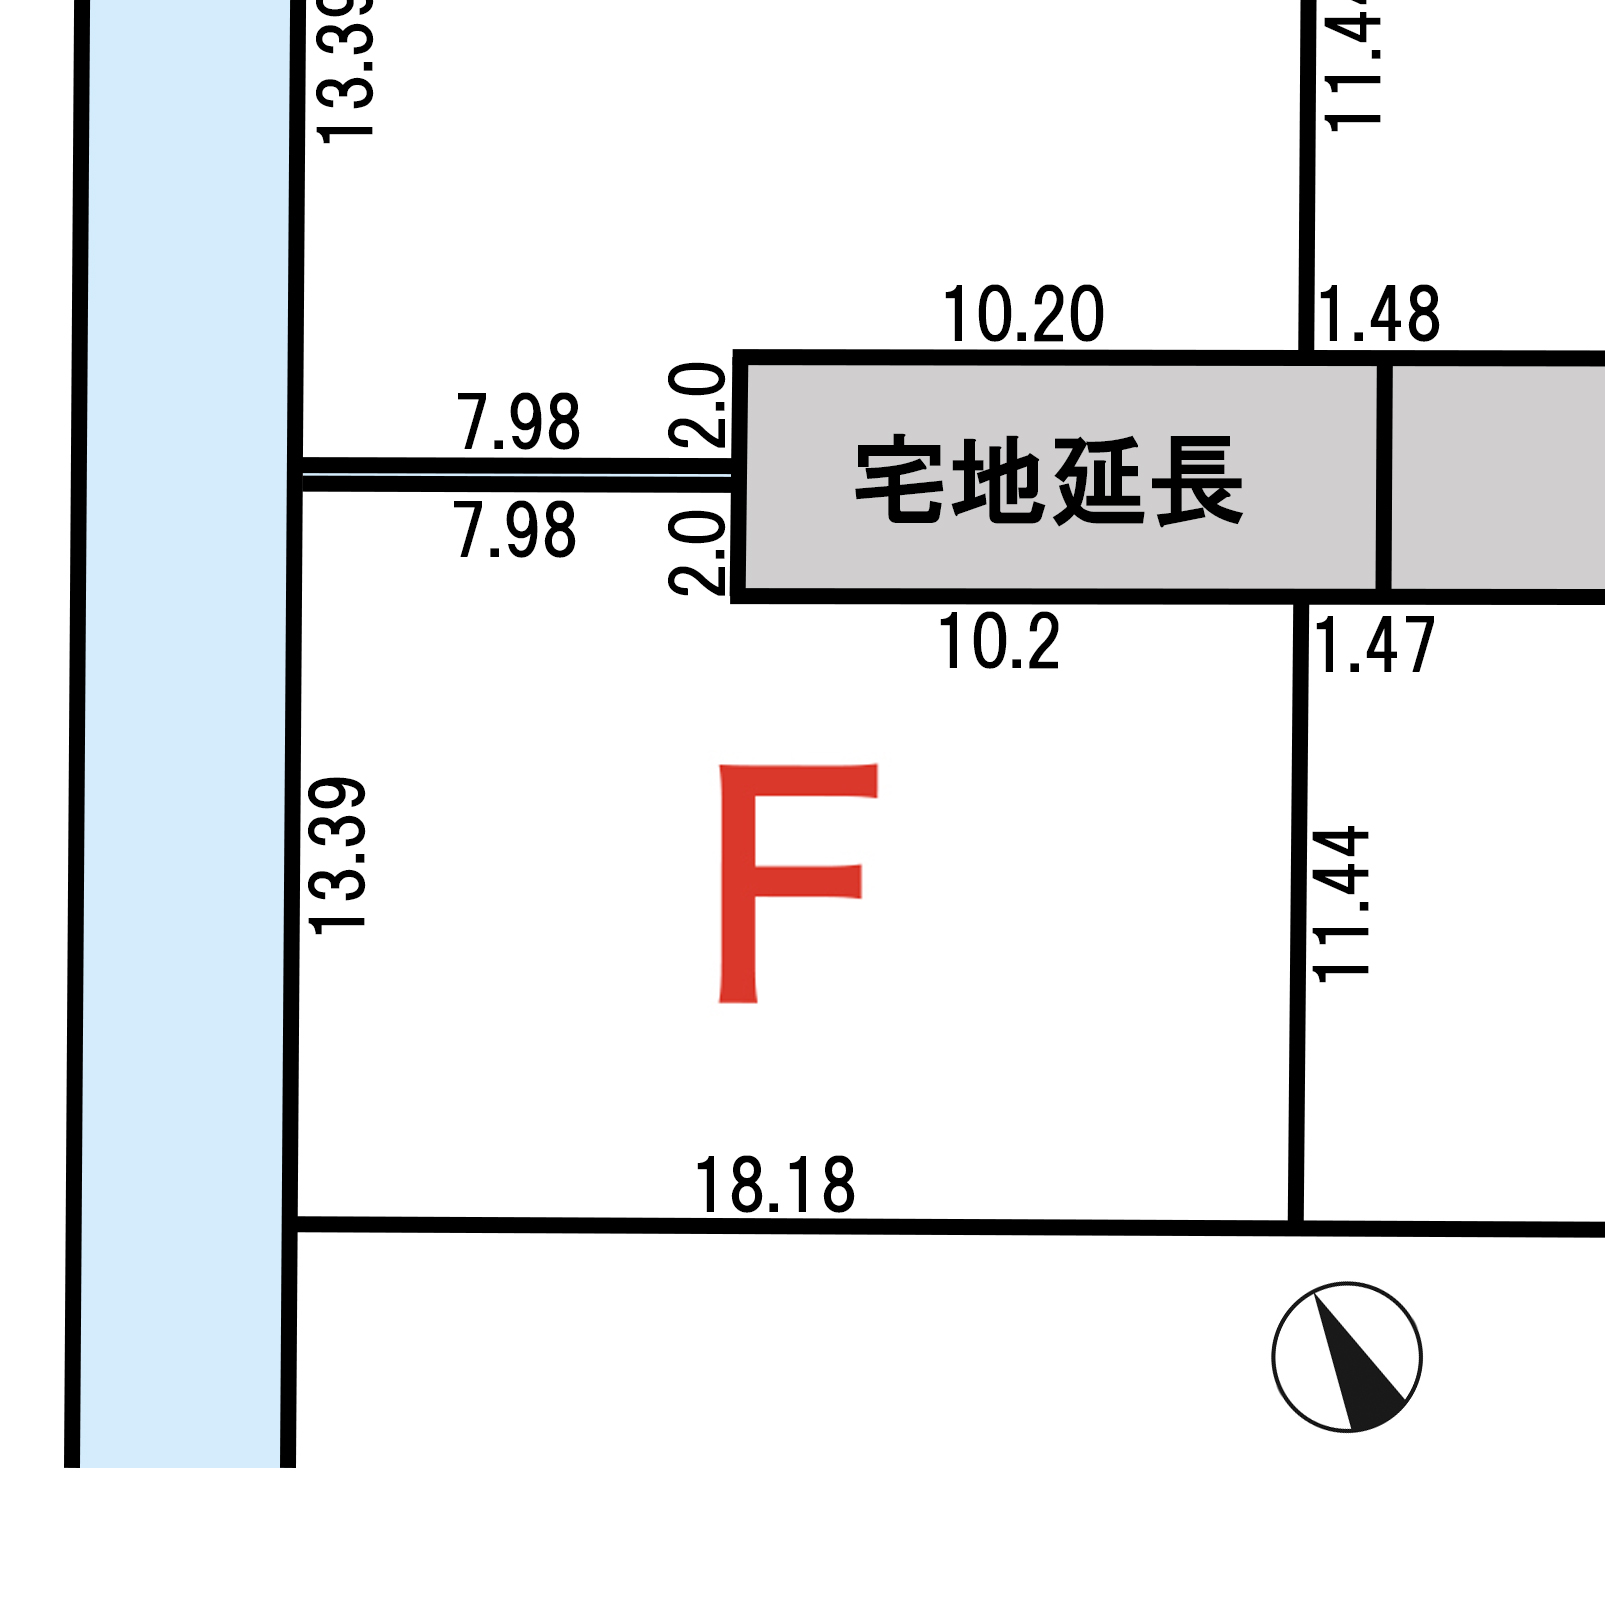 諏訪市上川二丁目 F区画_サブ画像02